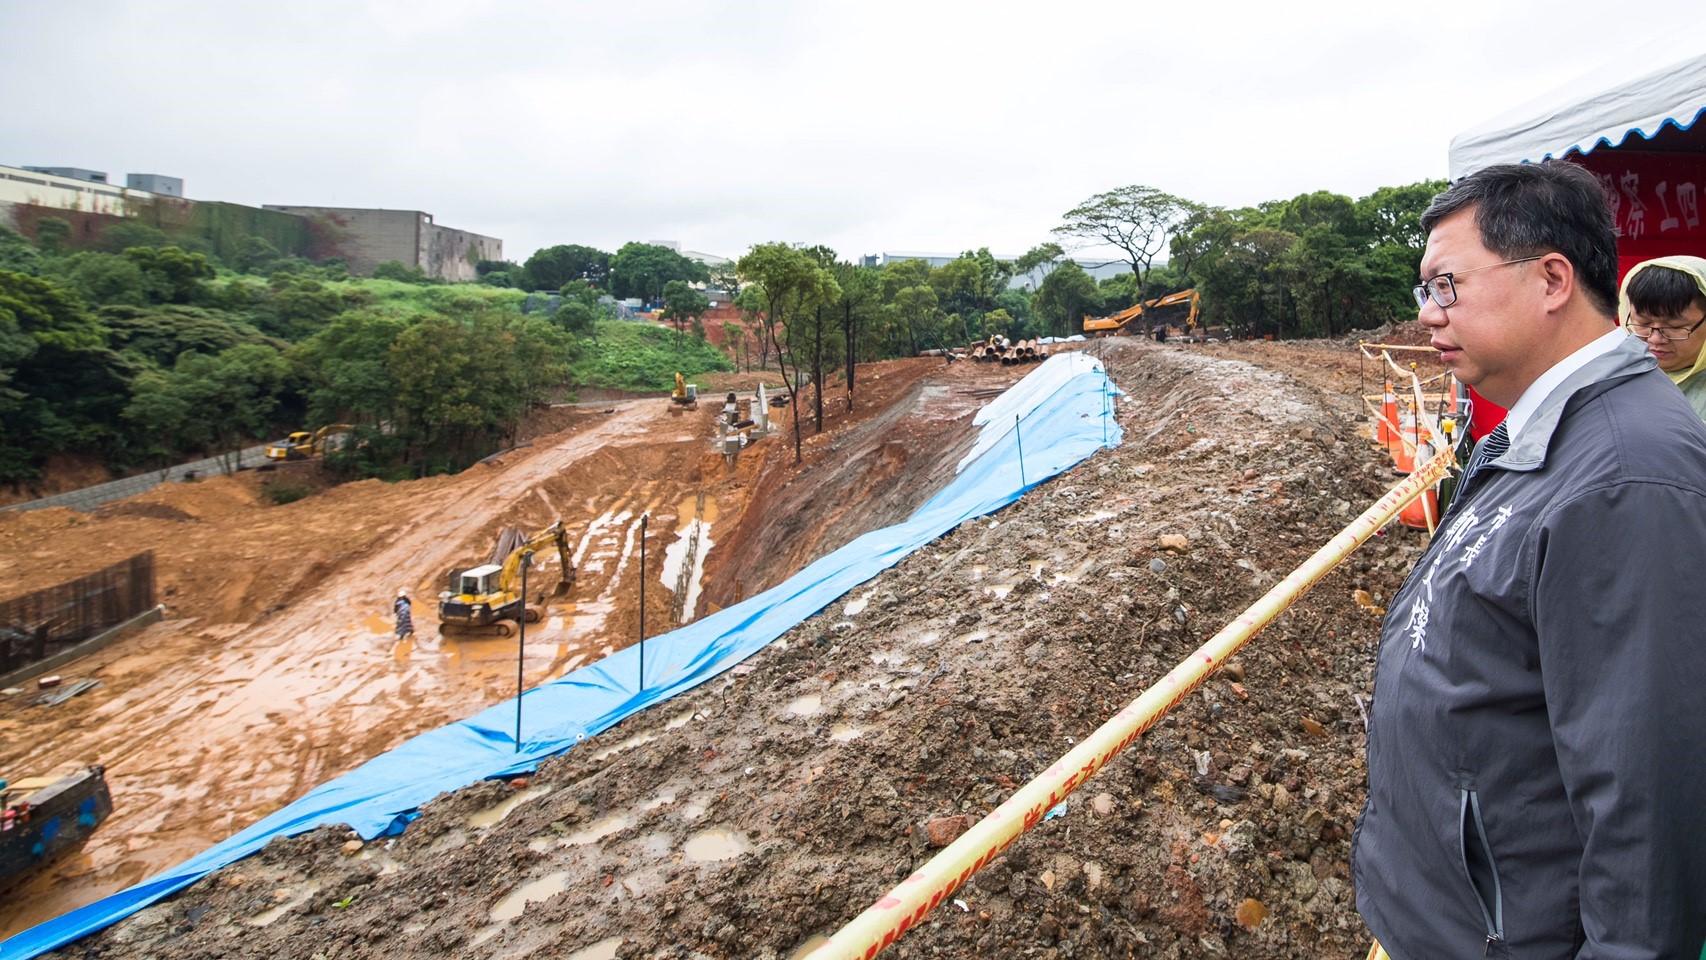 市長視察工四工業區東側坑溝兩岸滯洪沉砂設施工程進度及施工情形